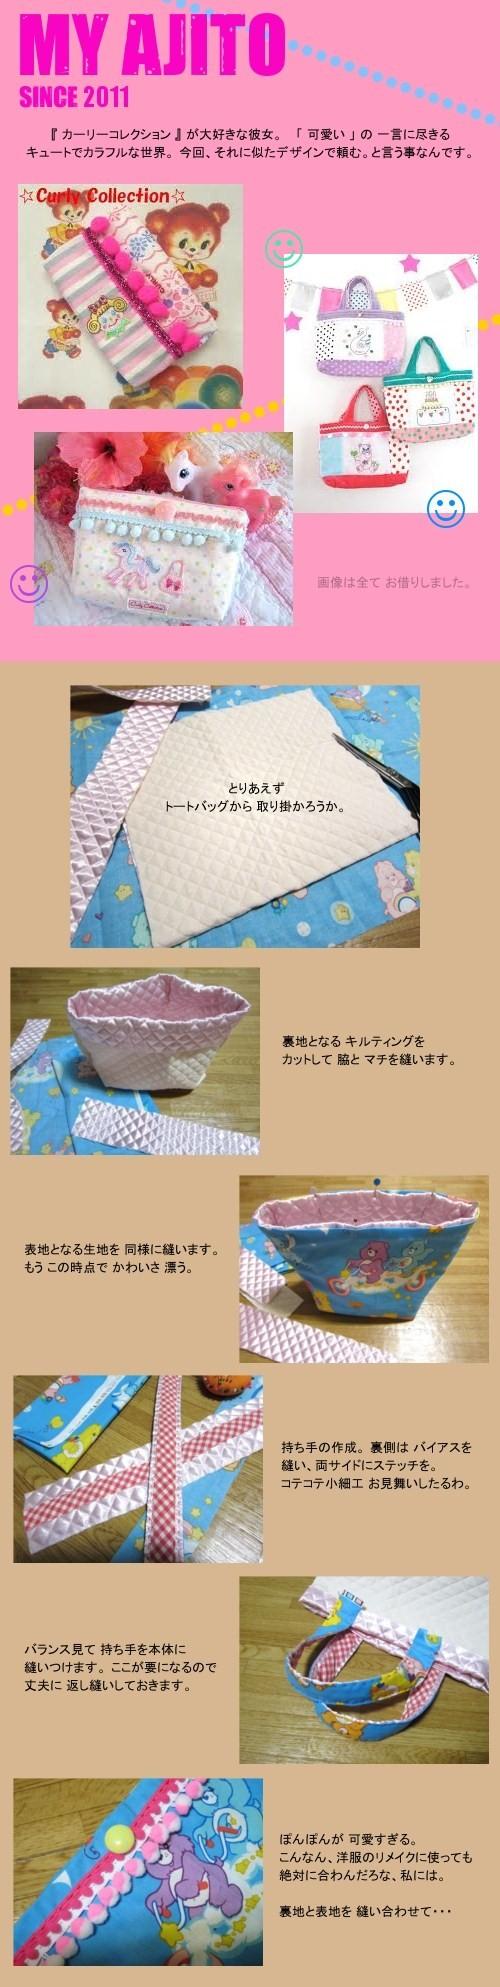 yun_02.jpg